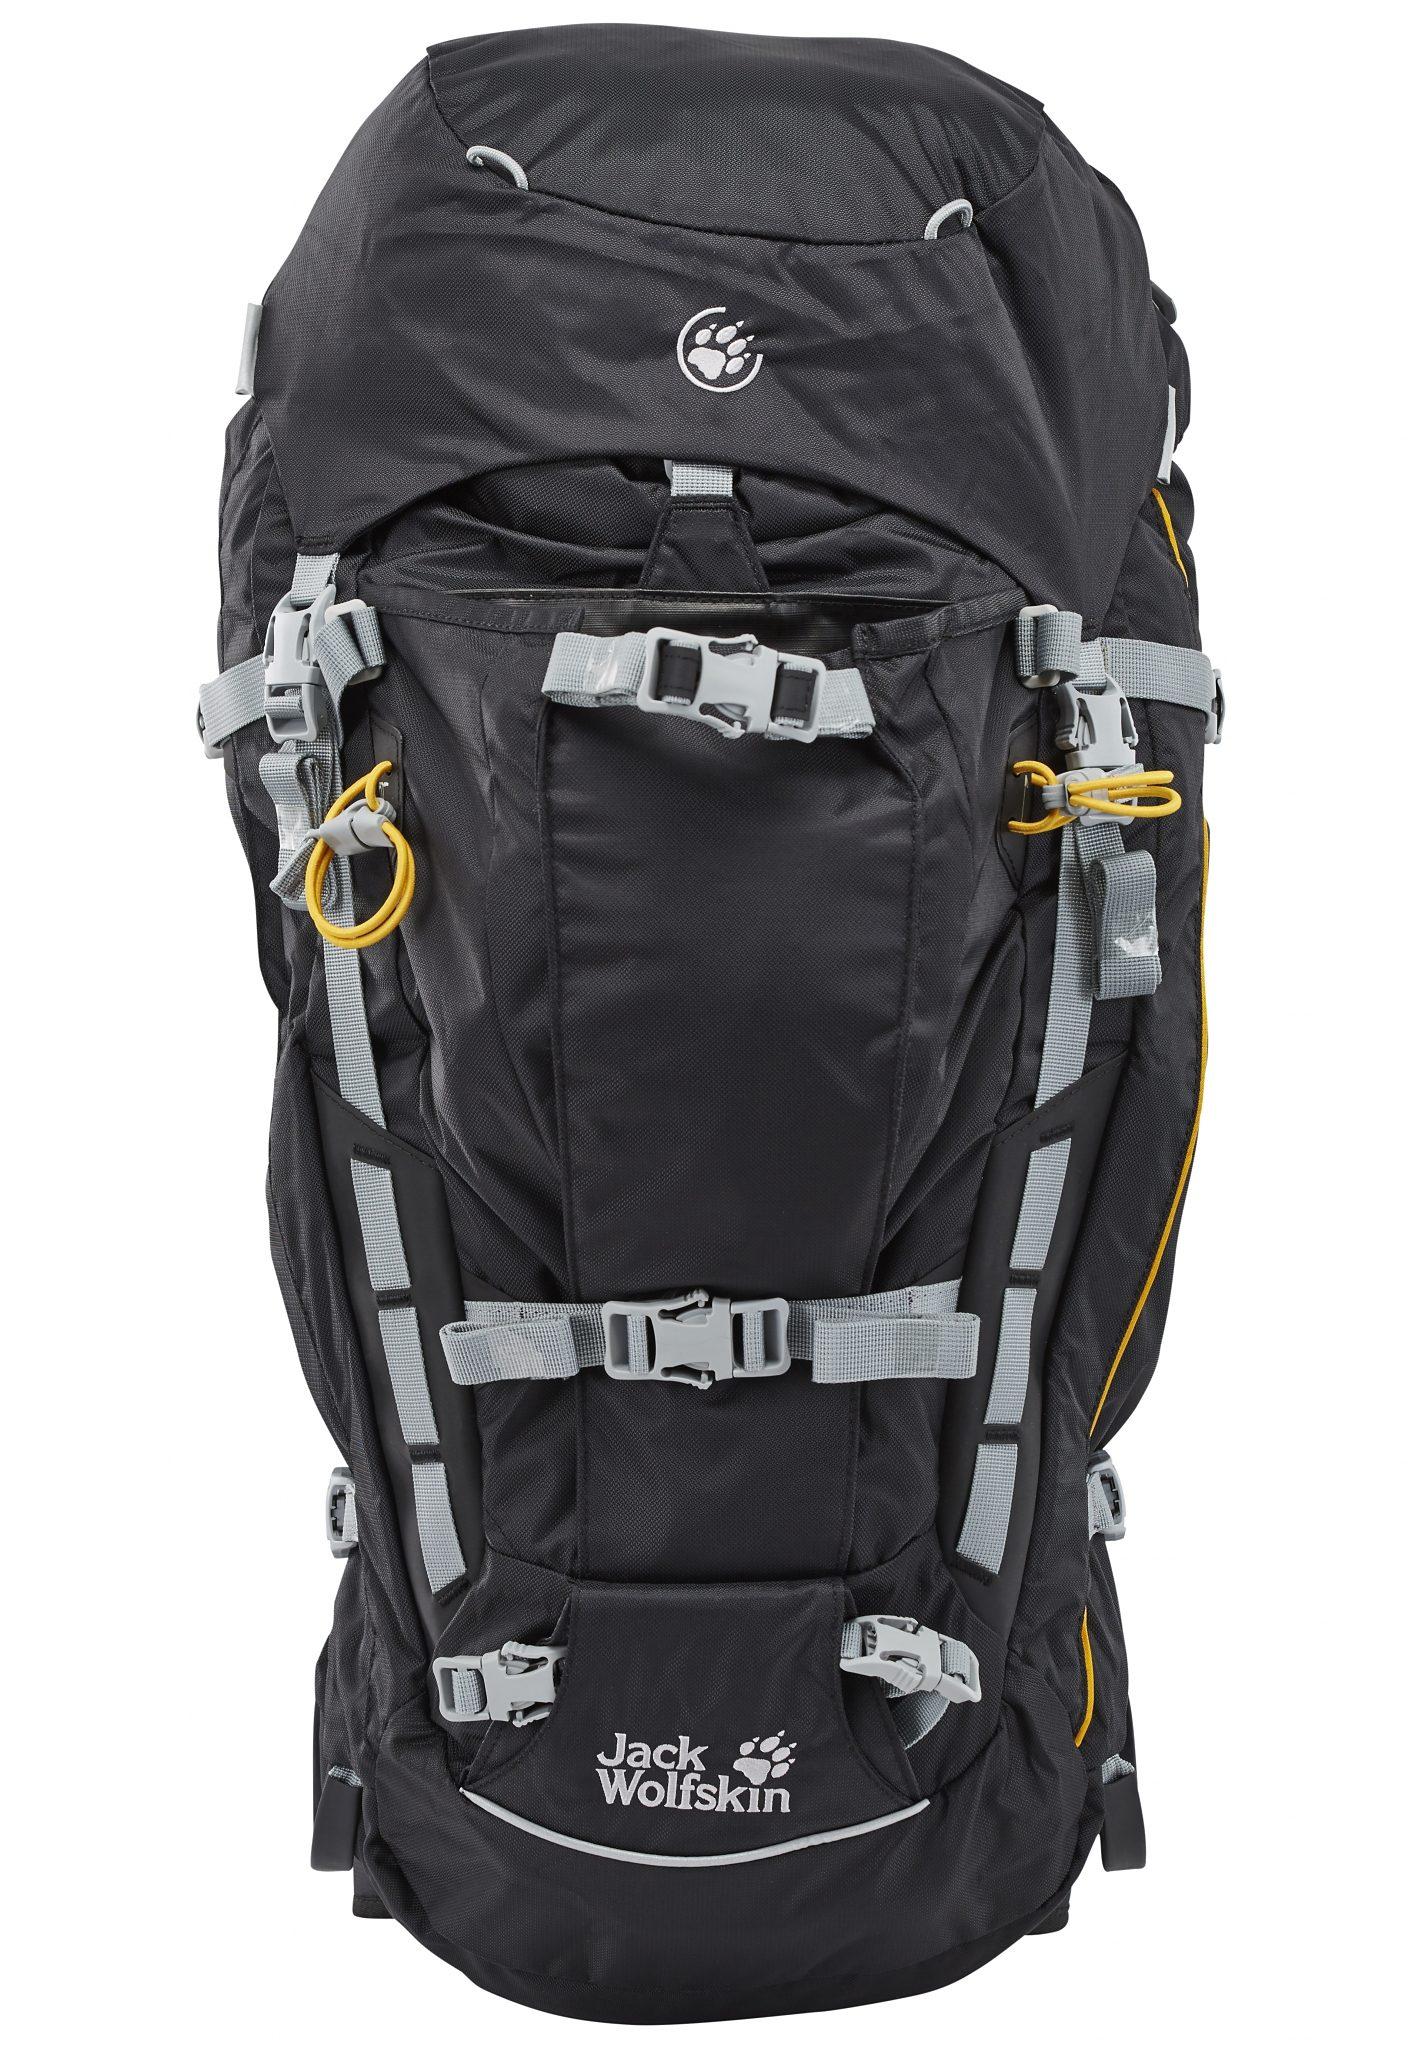 Jack Wolfskin Sport- und Freizeittasche »Jack Wolfskin Mountaineer 48 Backpack«